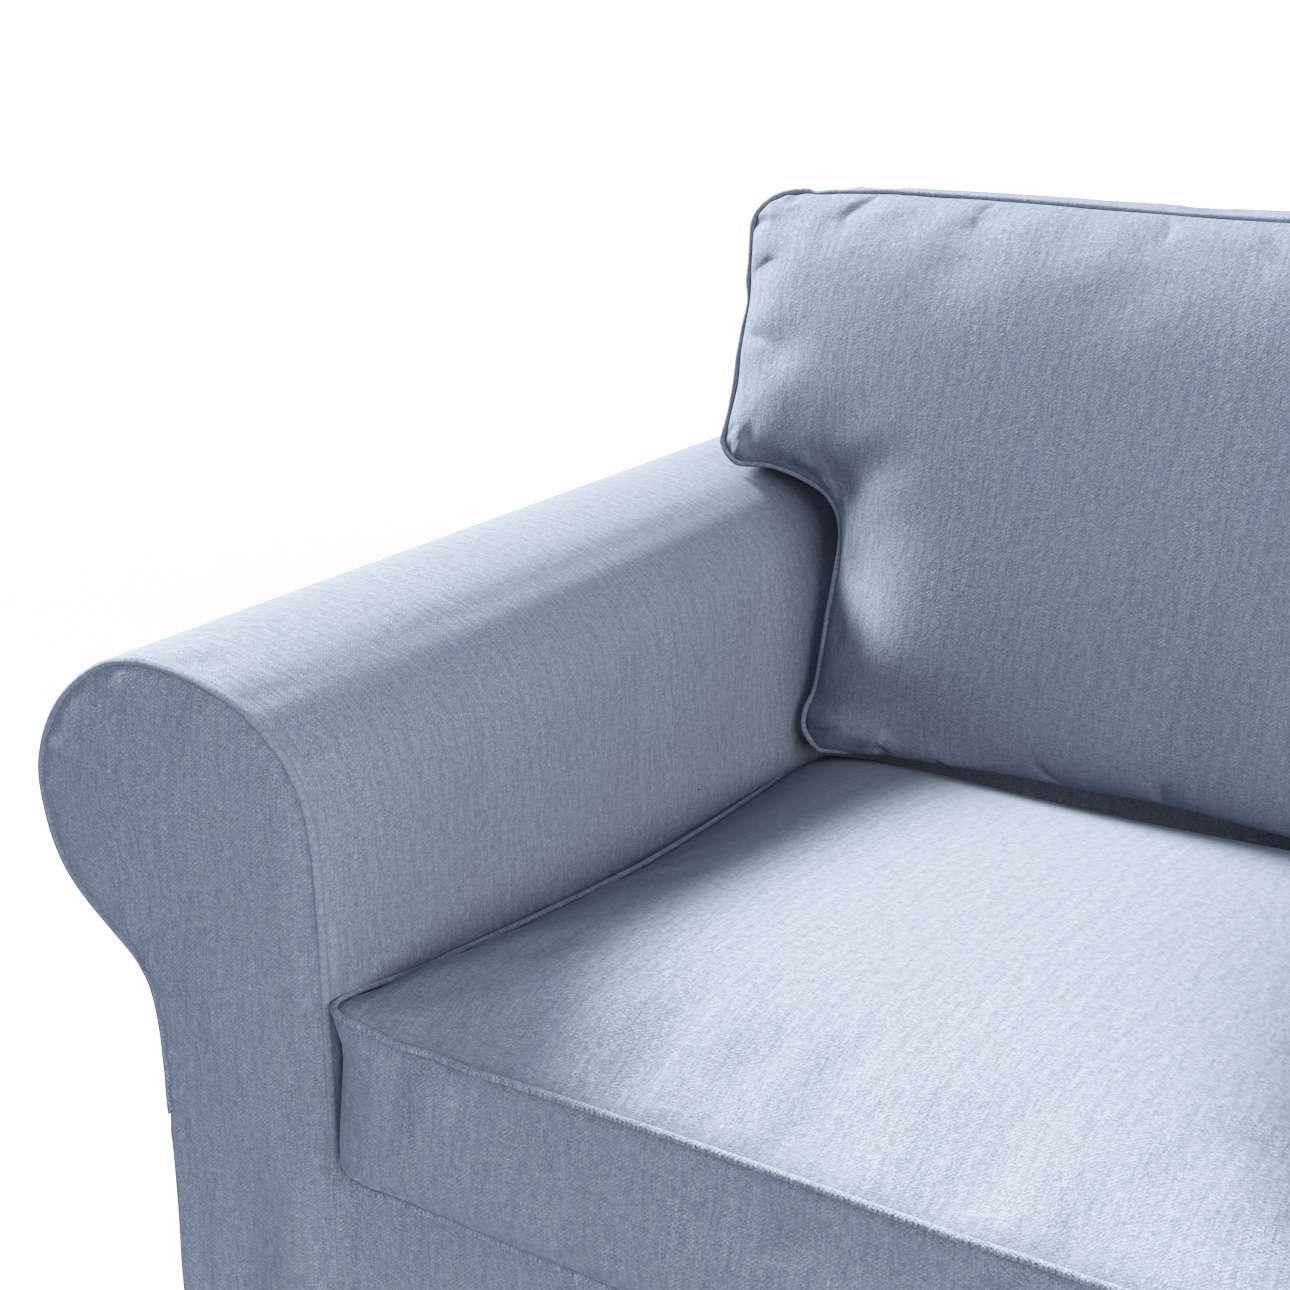 Pokrowiec na sofę Ektorp 2-osobową, rozkładaną STARY MODEL Sofa Ektorp 2-osobowa rozkładana w kolekcji Chenille, tkanina: 702-13